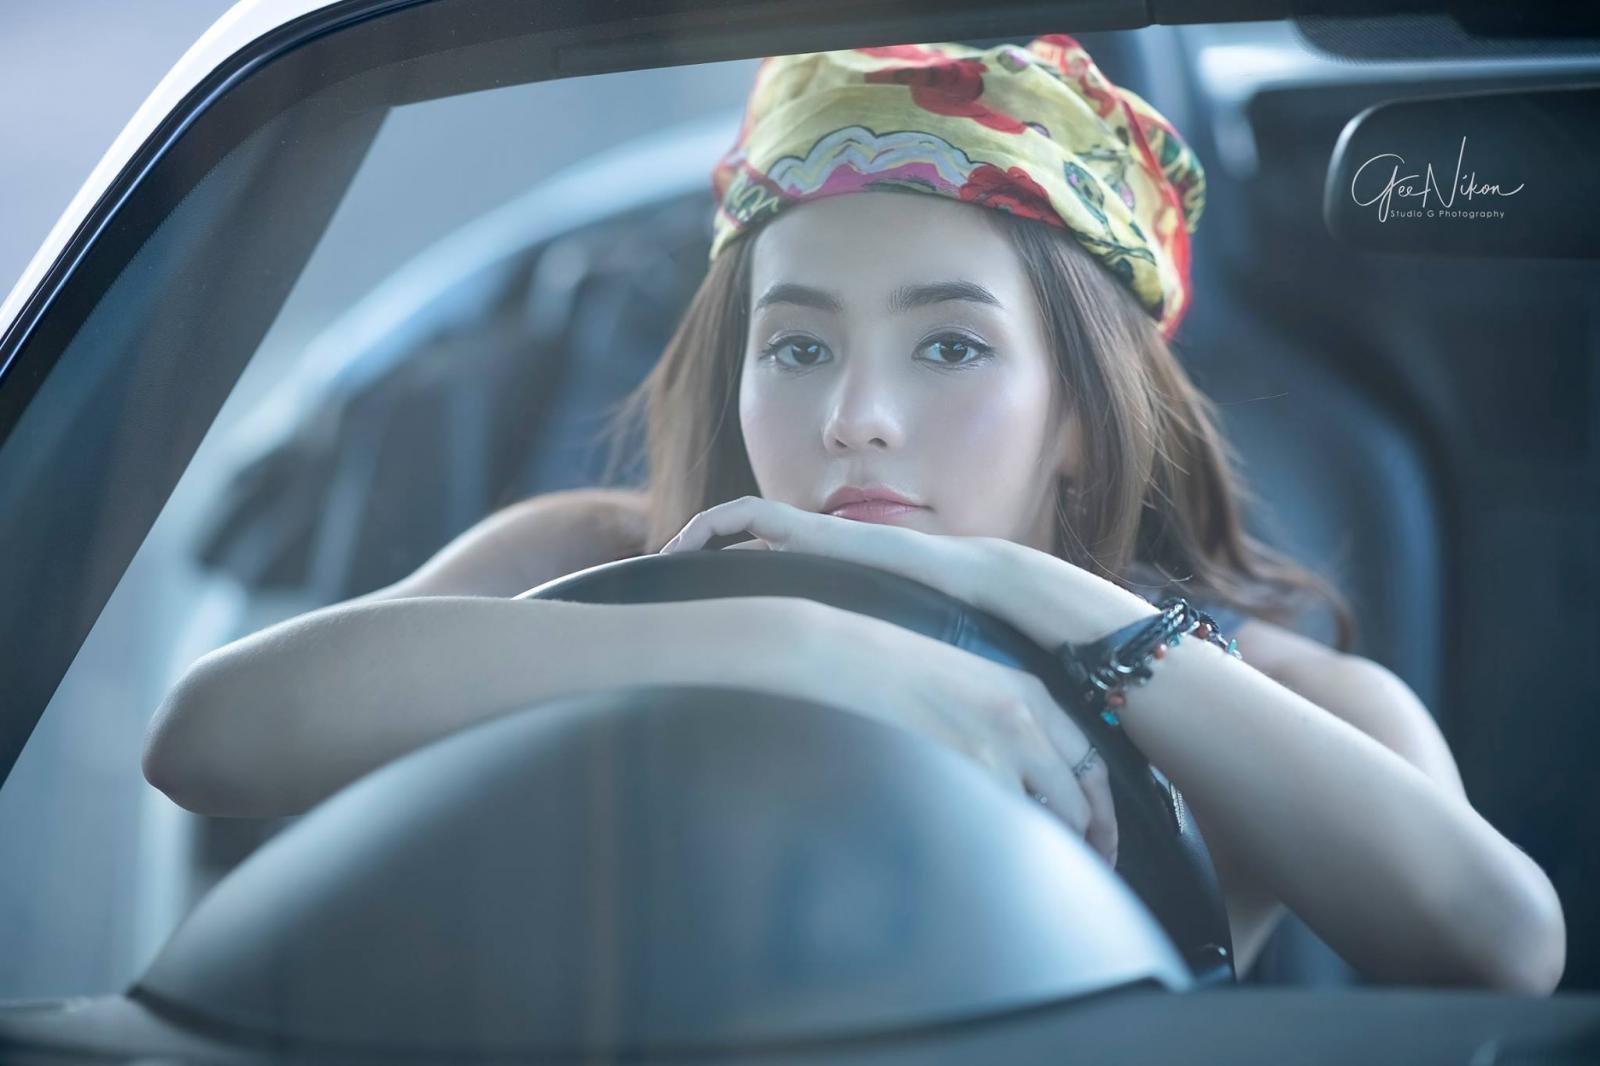 Tim đập loạn nhịp trước người đẹp Thái Lan bên Mazda mui trần - 8